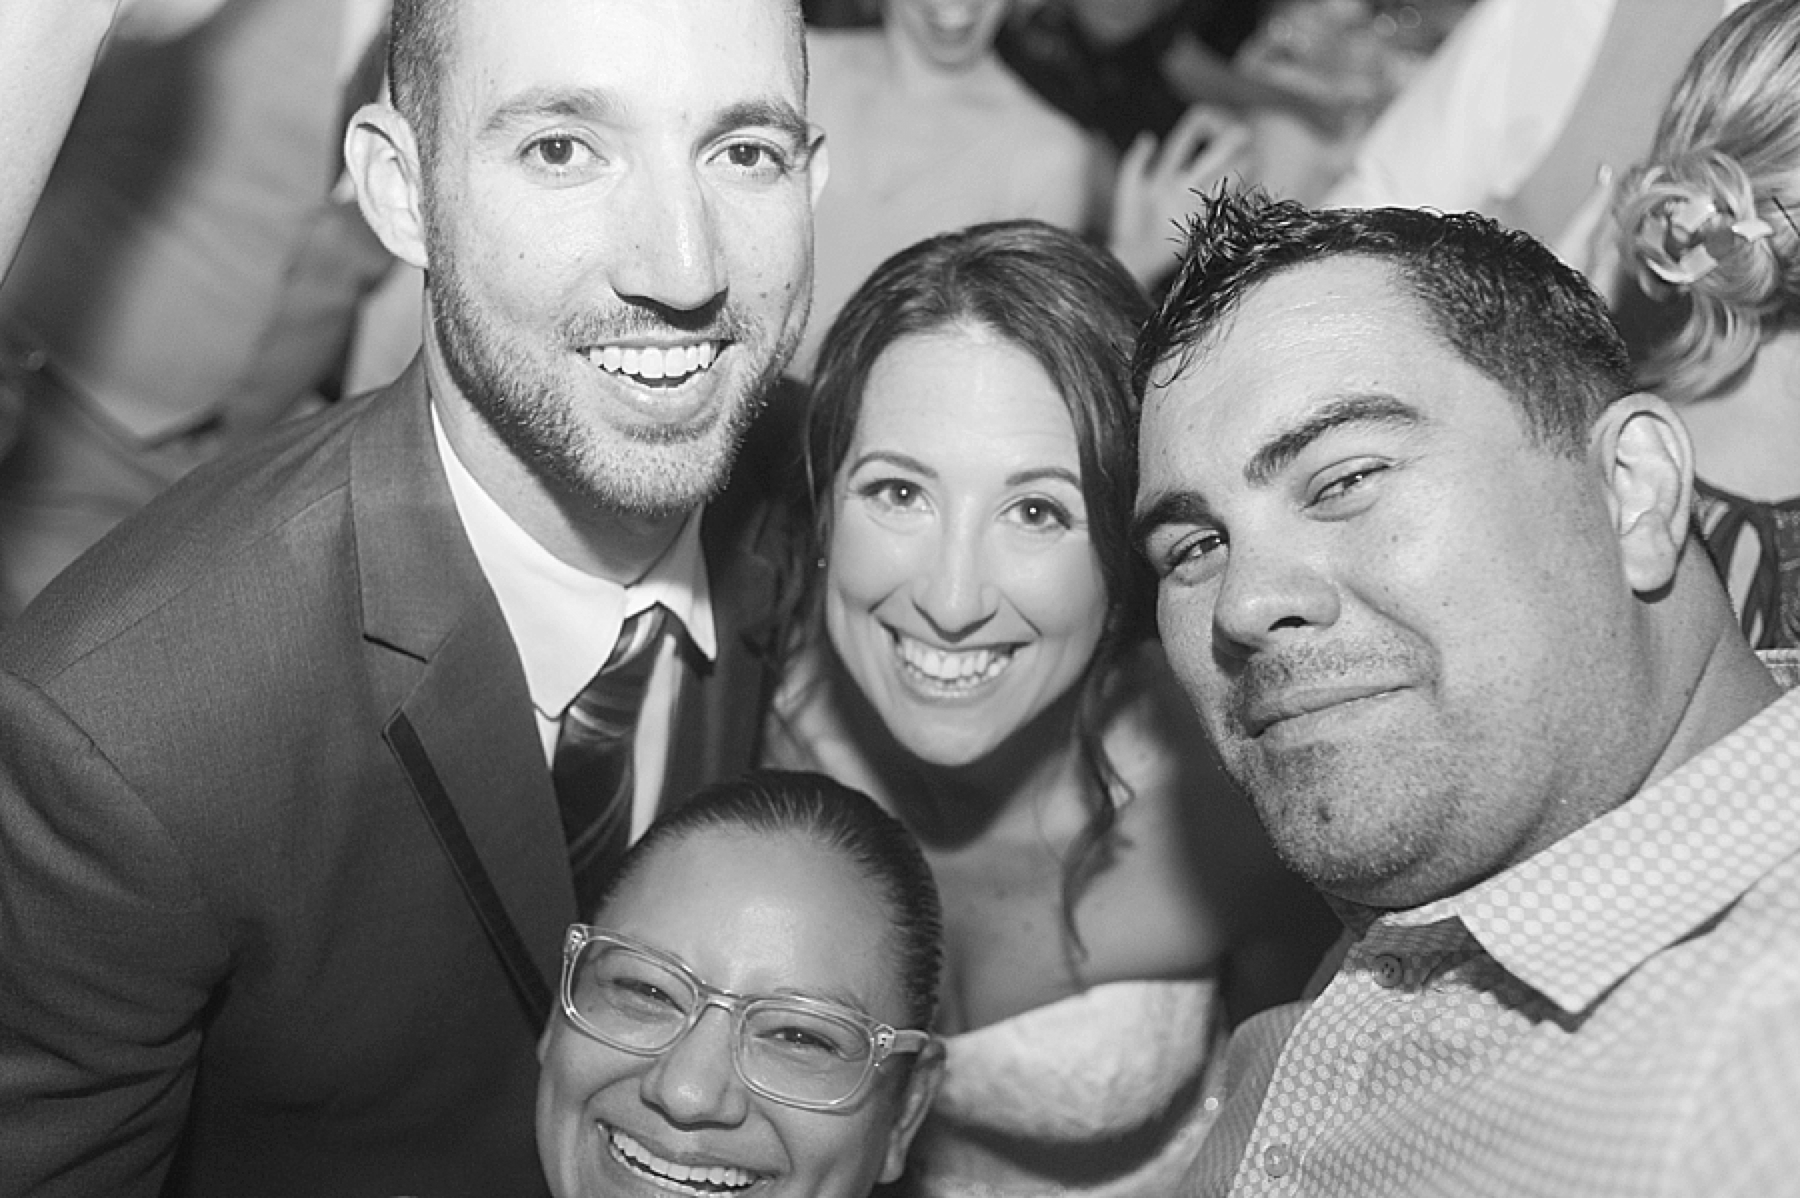 las_vegas_wedding_photographers_behind_the_scenes-06-4.jpg